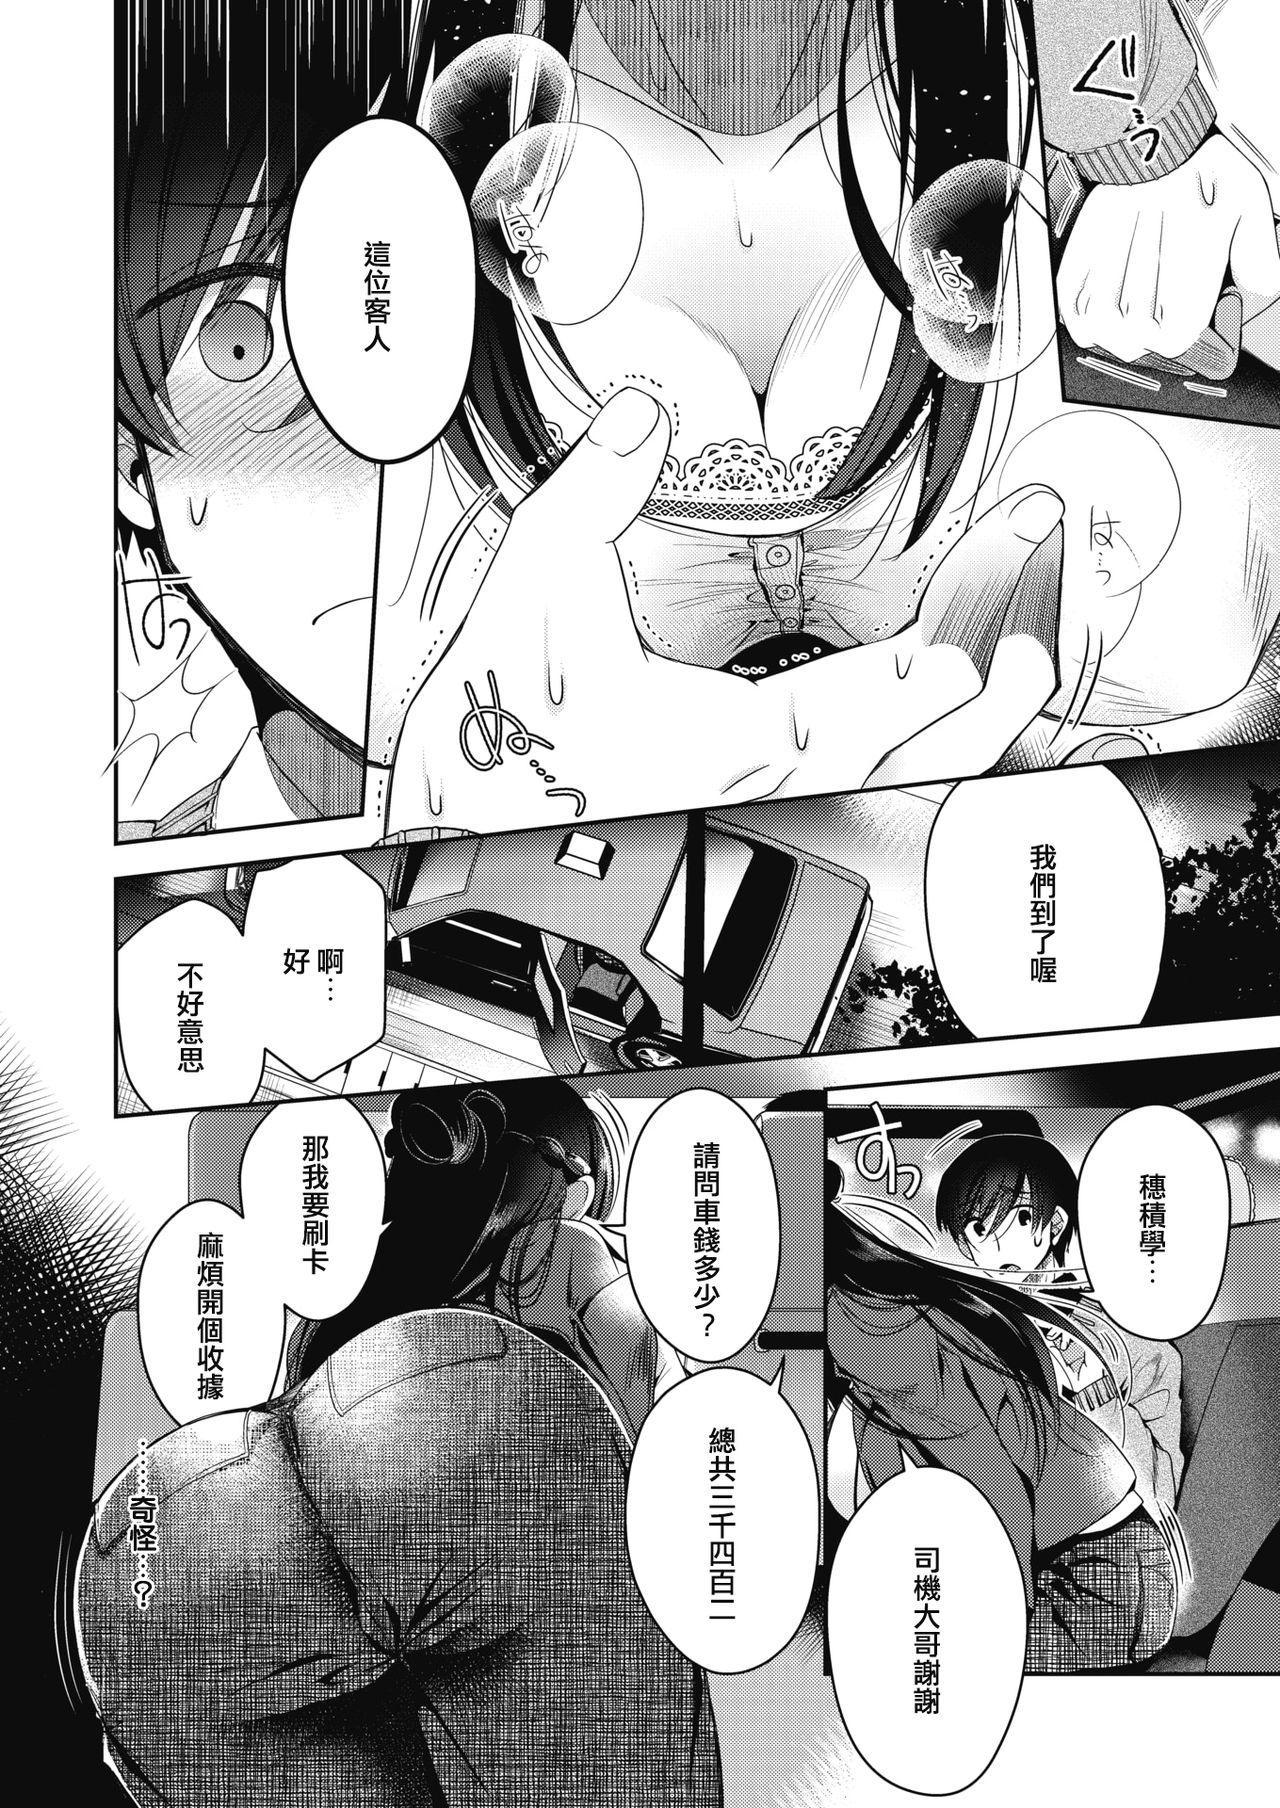 Soshite Kanojo wa Kekkon shita 7